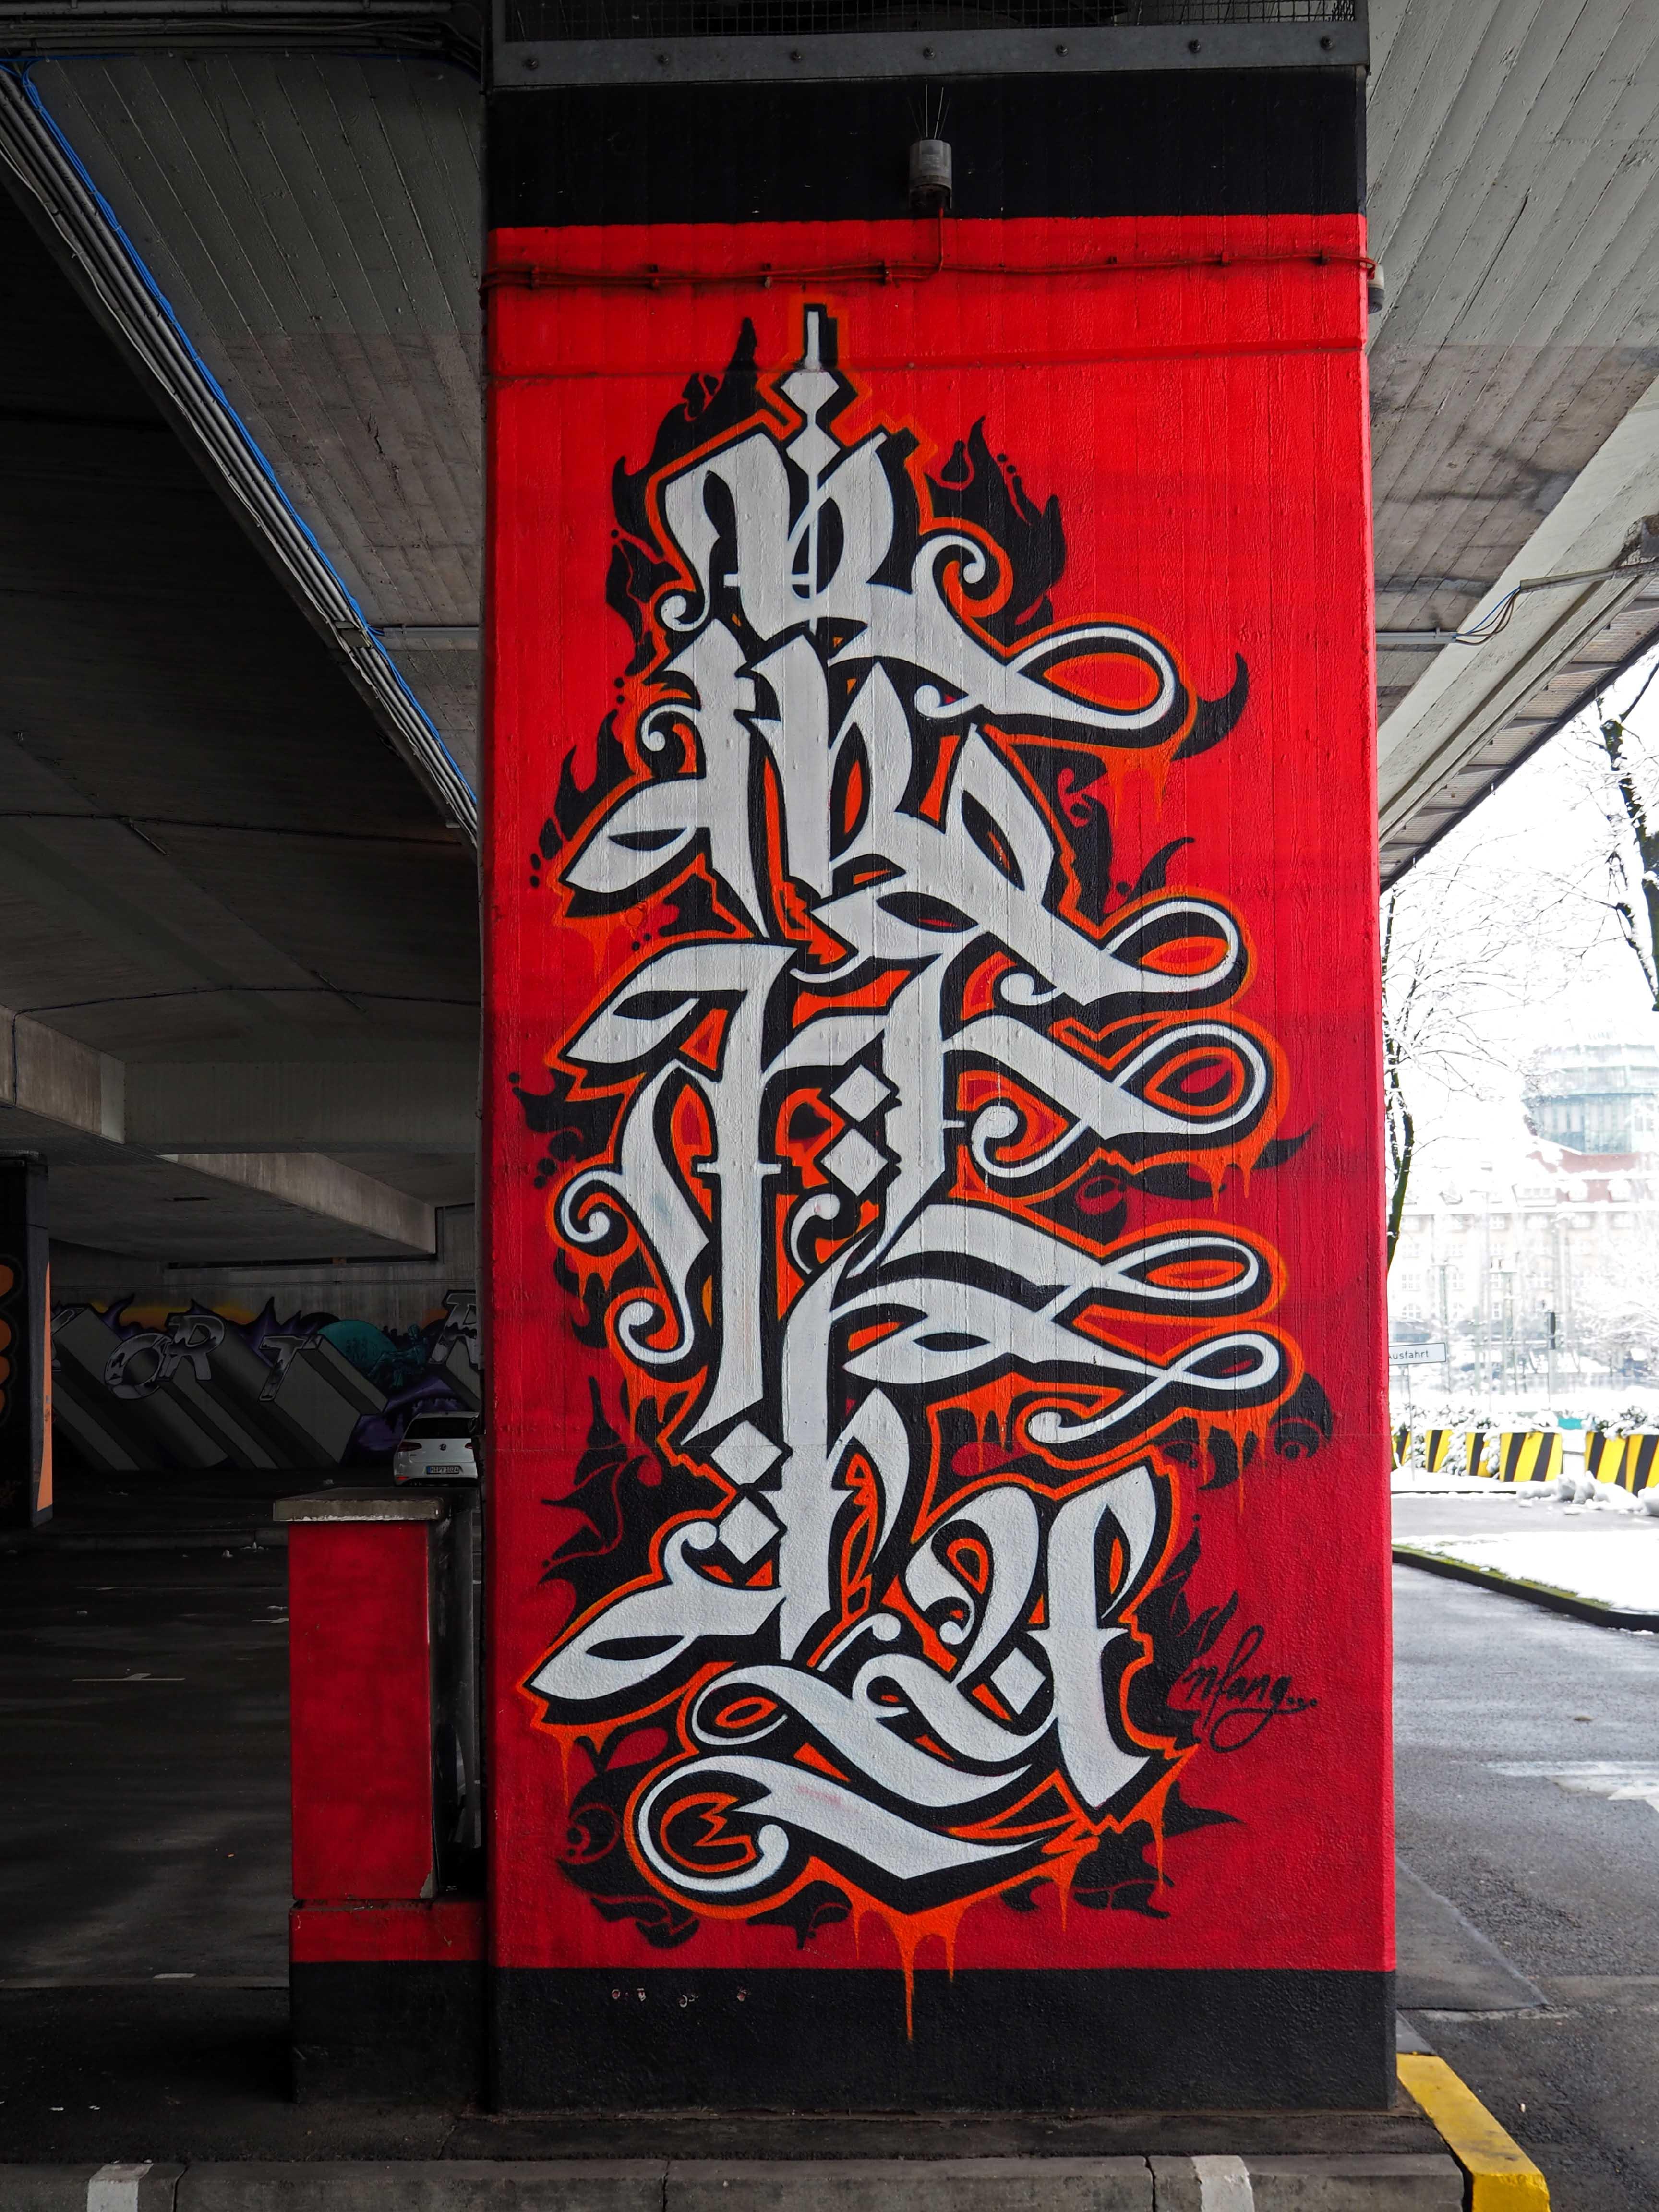 Brückenpfeiler mit caligrafischer Arbeit von Neso weiß auf rot